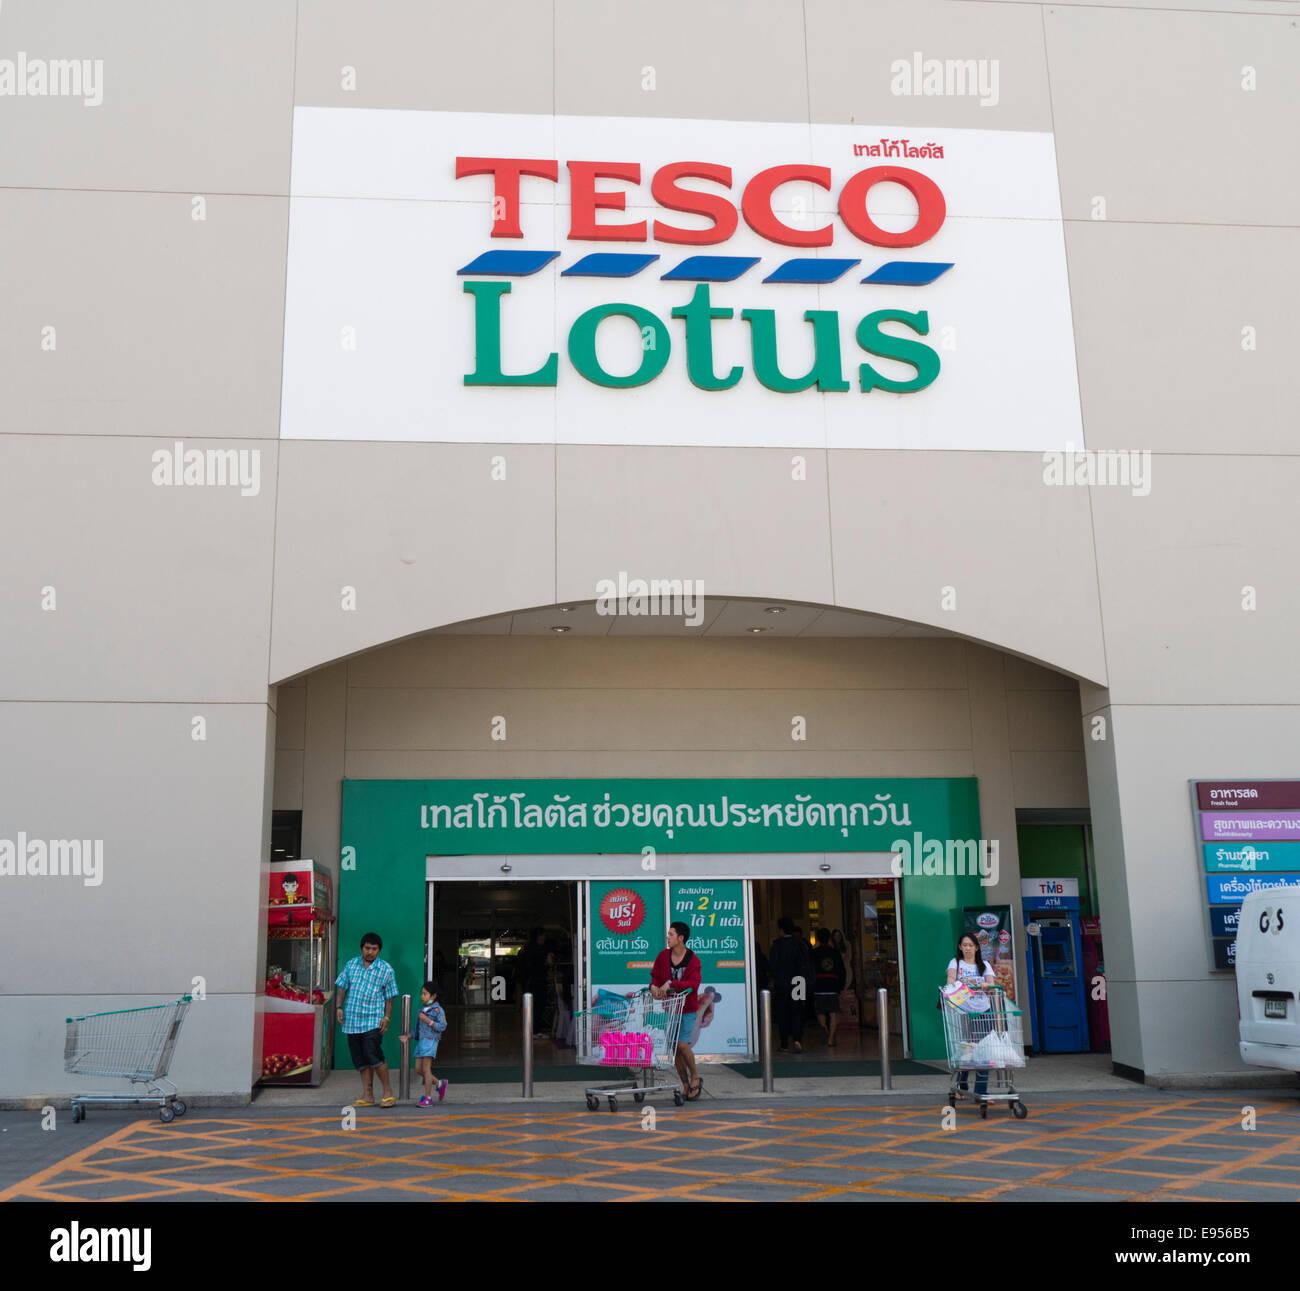 Tesco Lotus supermarket in Thailand Stock Photo - Alamy